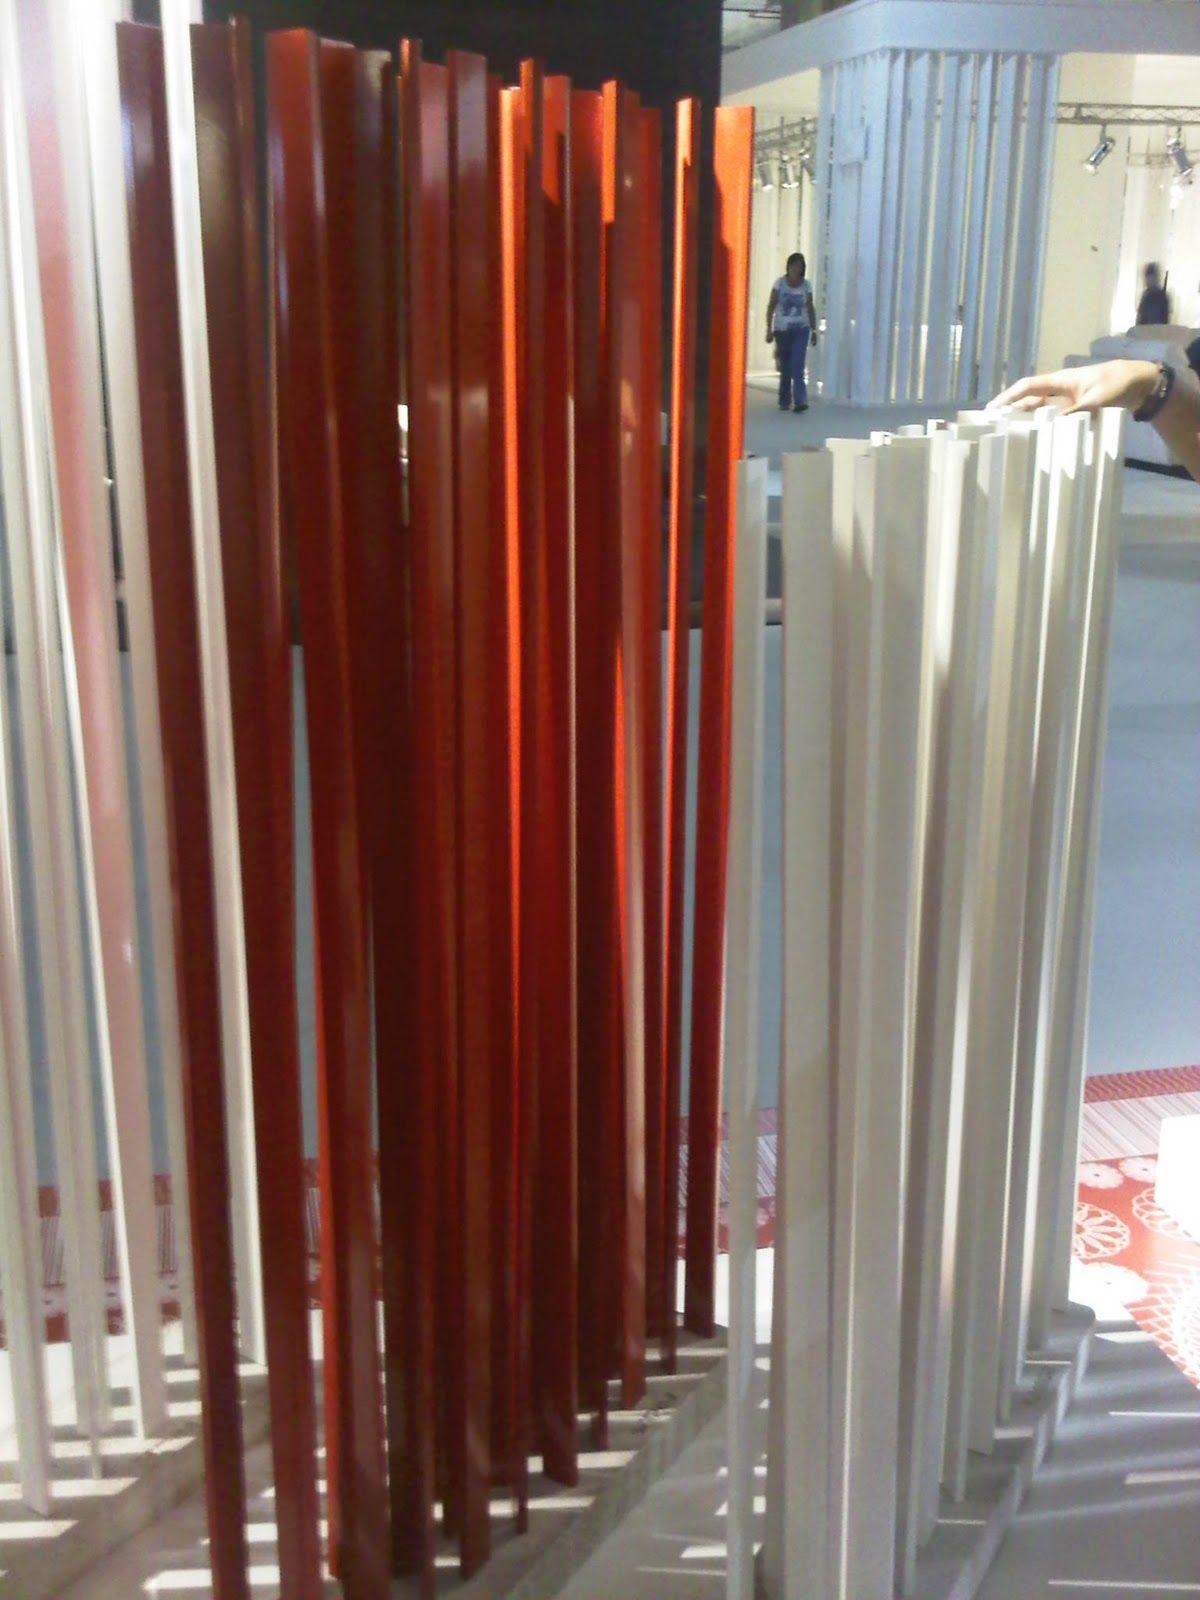 Separador de ambientes sep de ambientes pinterest - Leroy merlin biombo ...